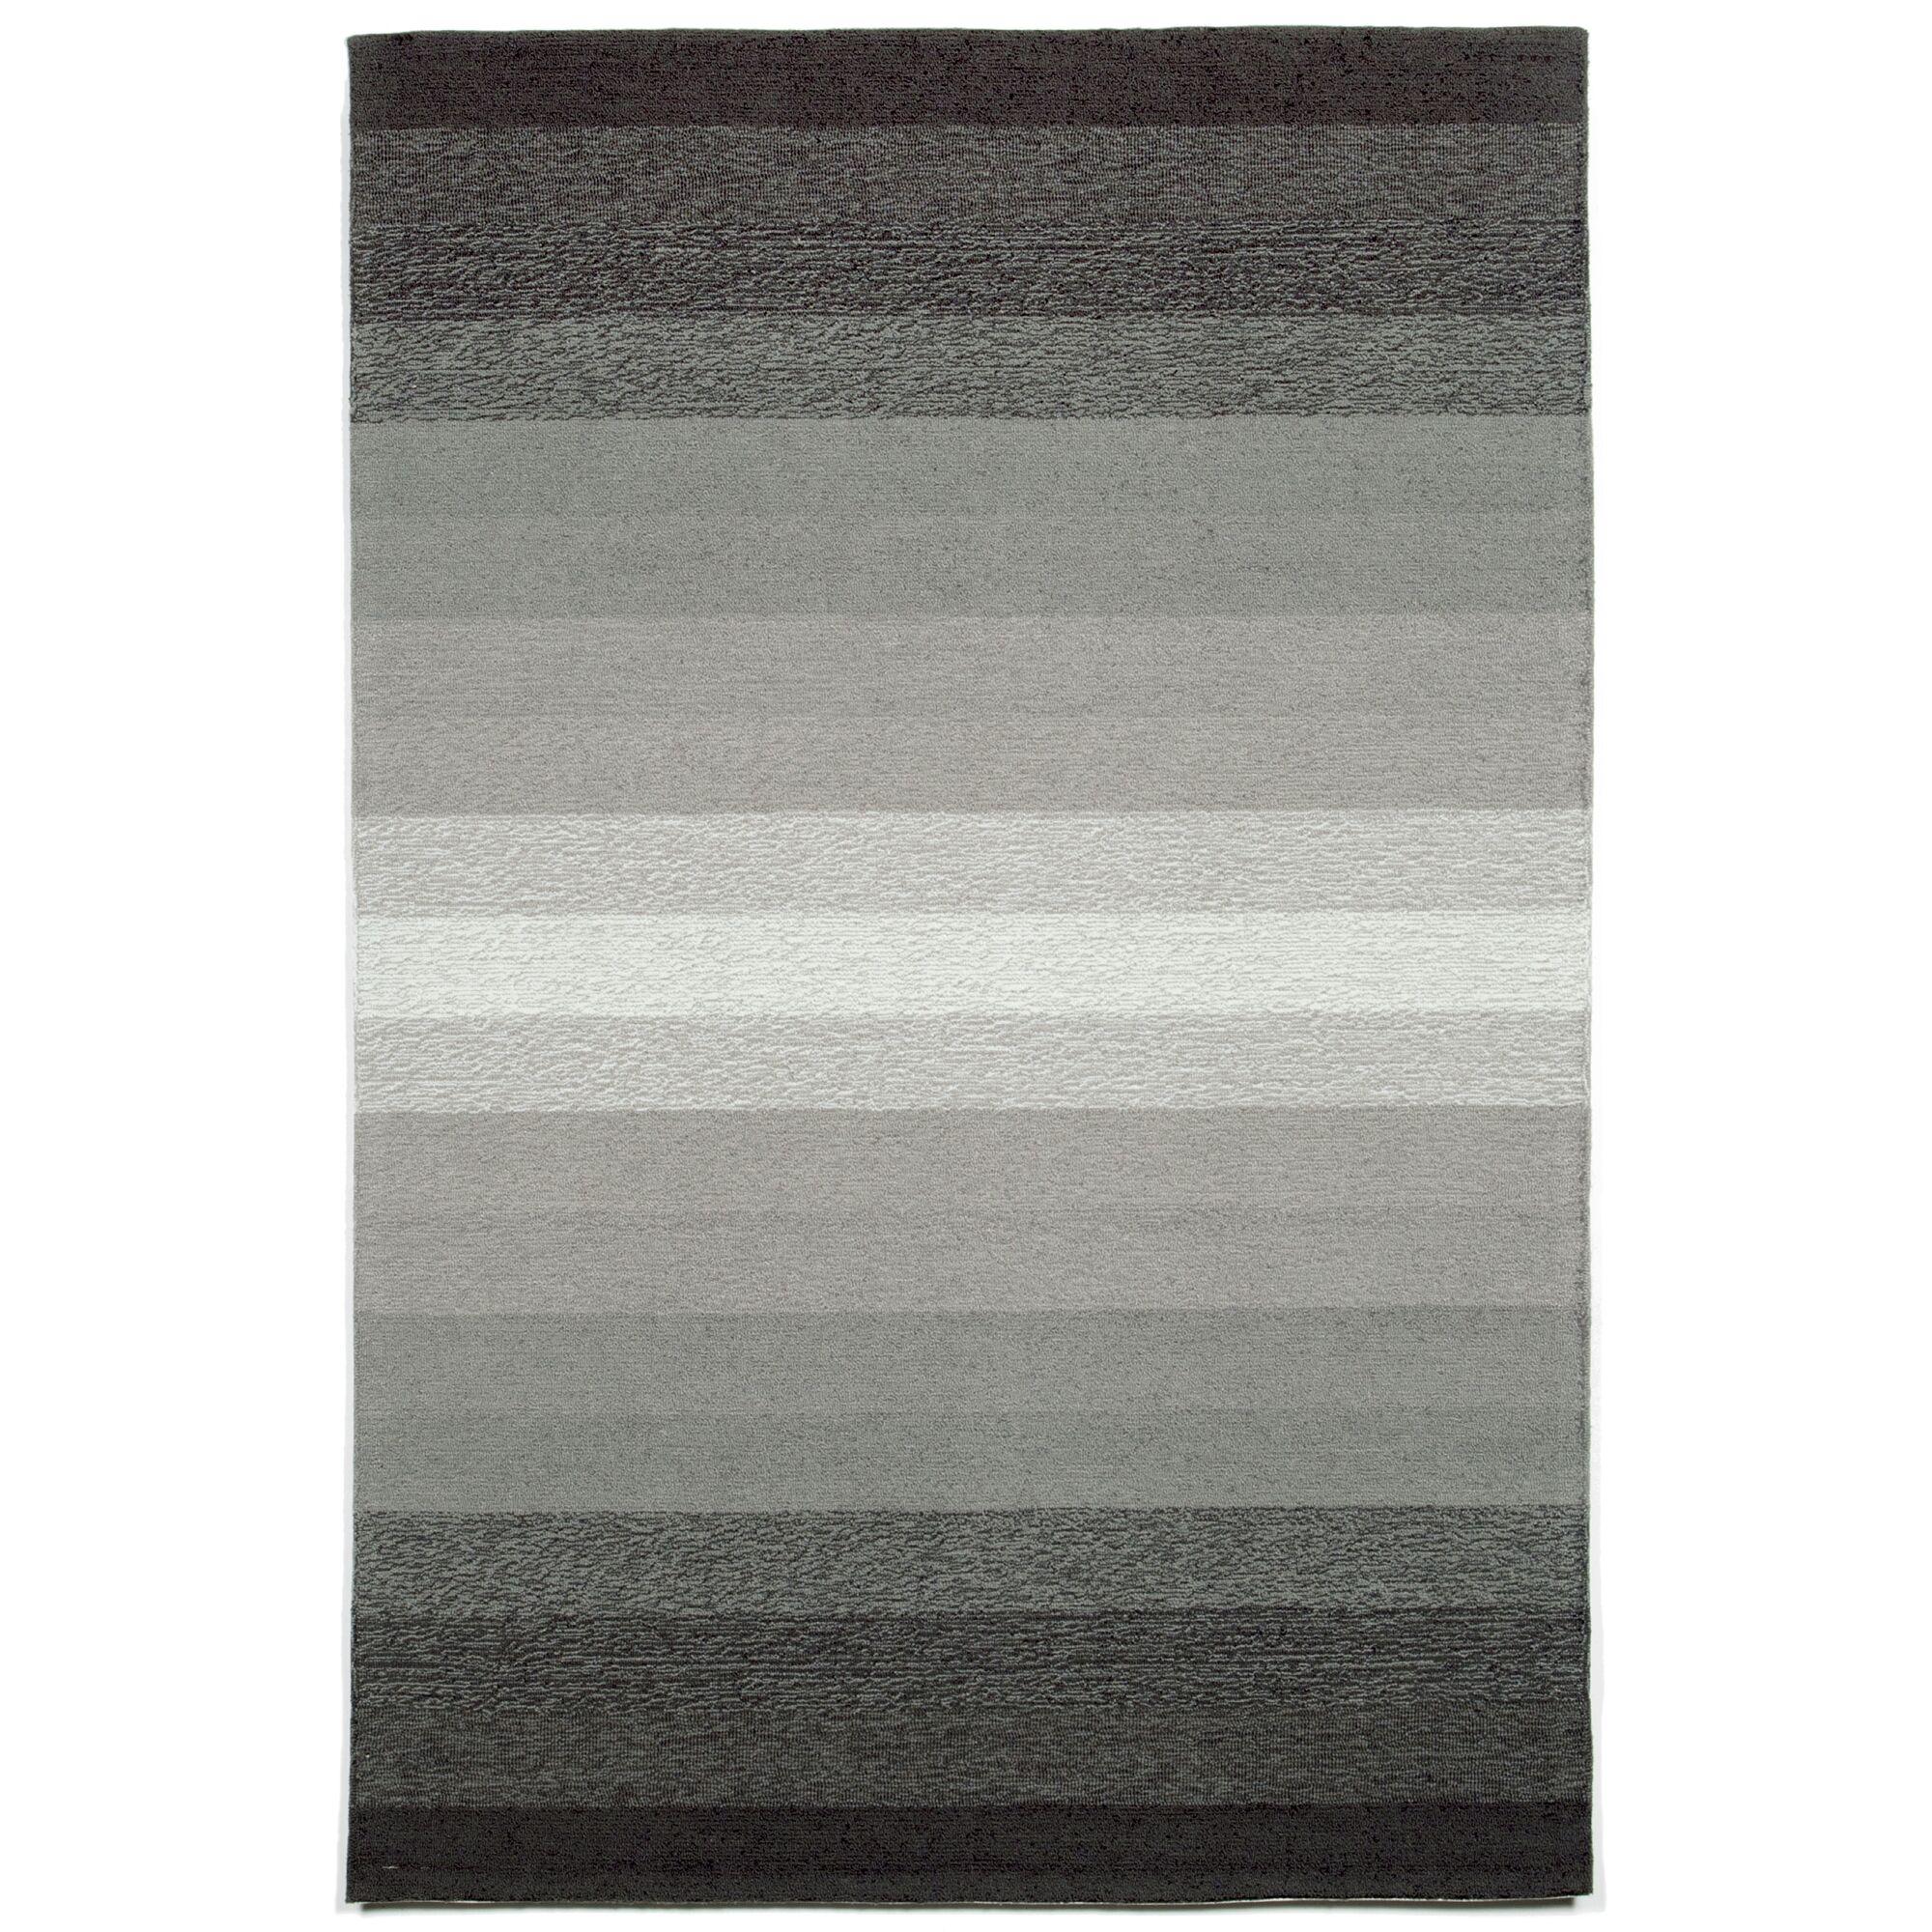 Clowers Ombre Grey Indoor/Outdoor Area Rug Rug Size: 5' x 7'6